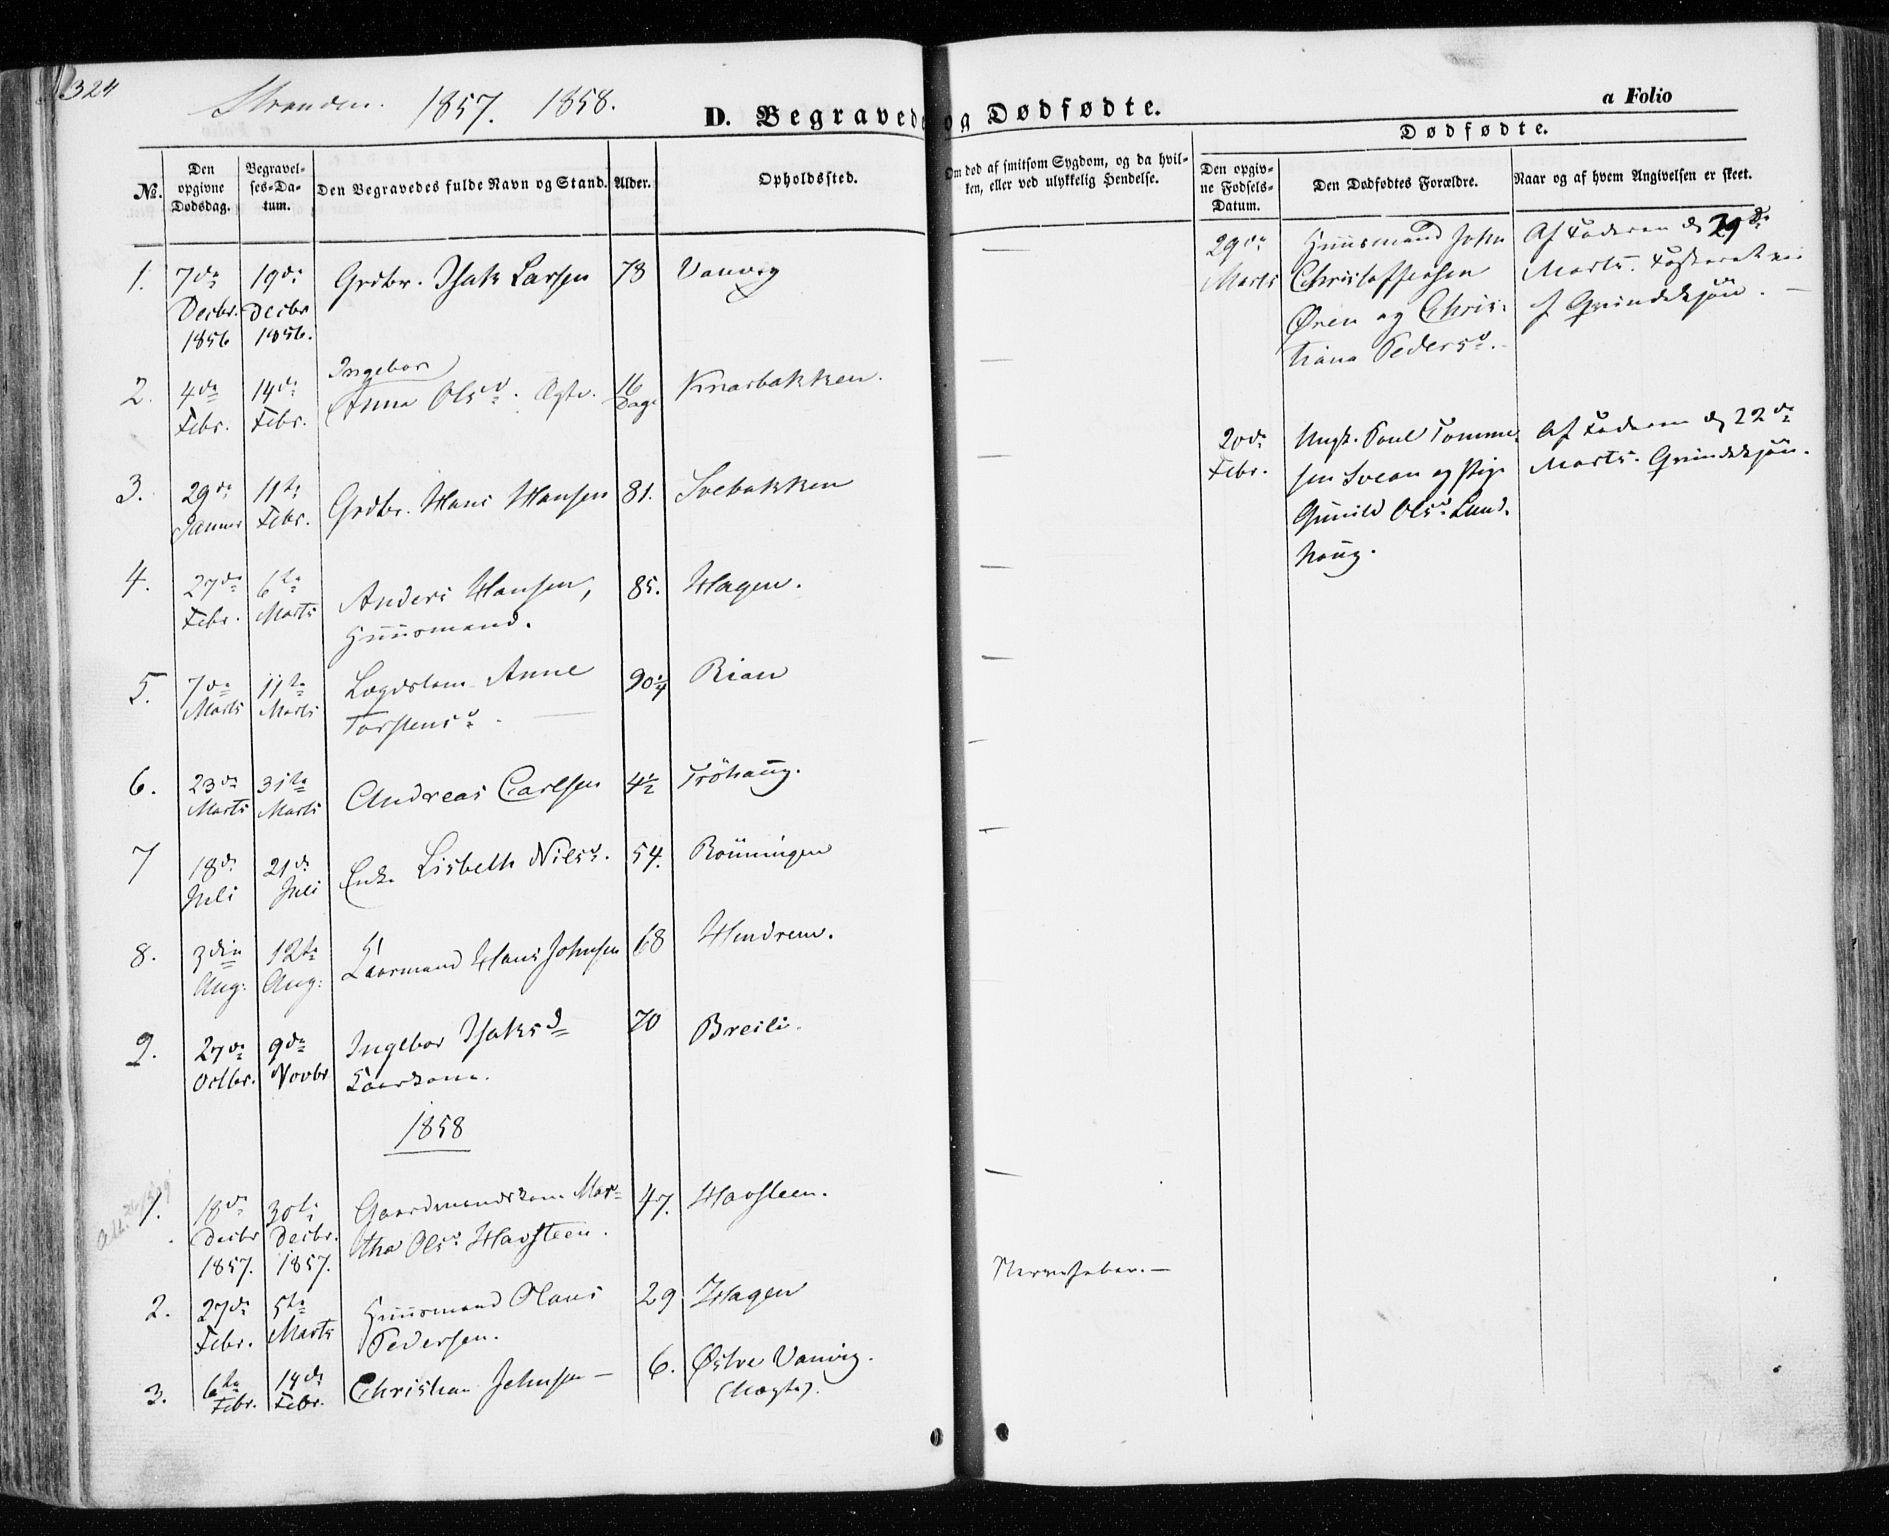 SAT, Ministerialprotokoller, klokkerbøker og fødselsregistre - Nord-Trøndelag, 701/L0008: Ministerialbok nr. 701A08 /2, 1854-1863, s. 324